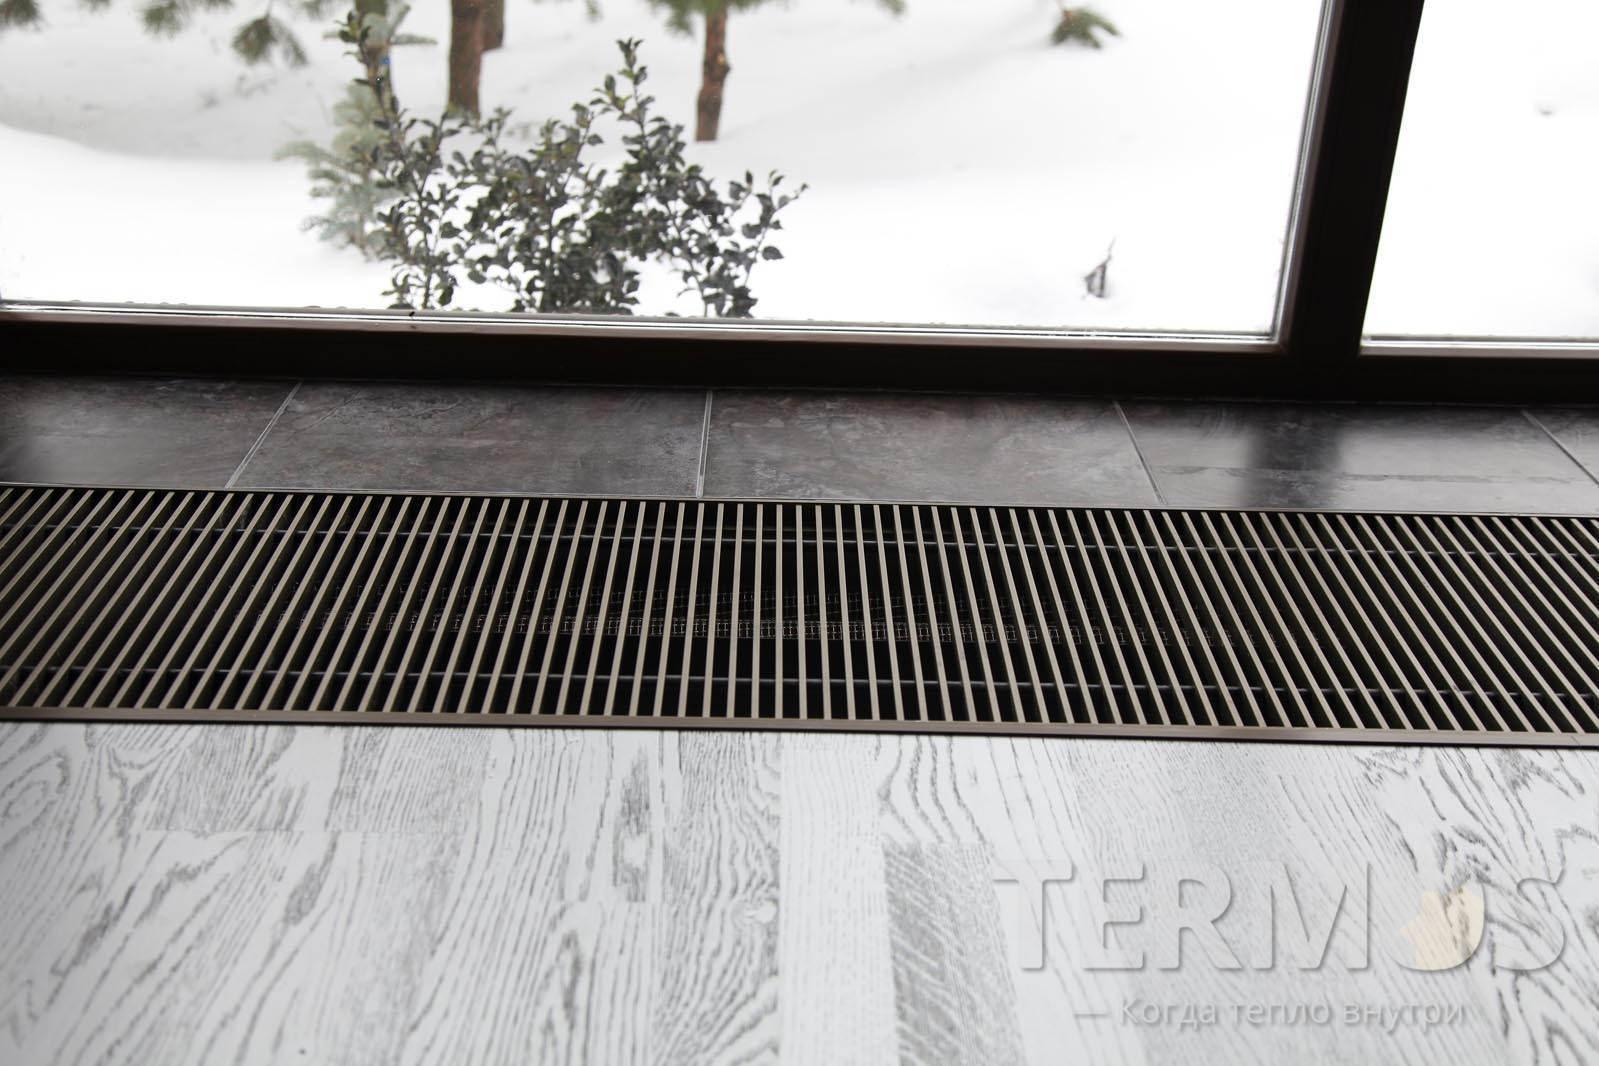 Сьемная декоративная решетка, подбирается под конкретный интерьер